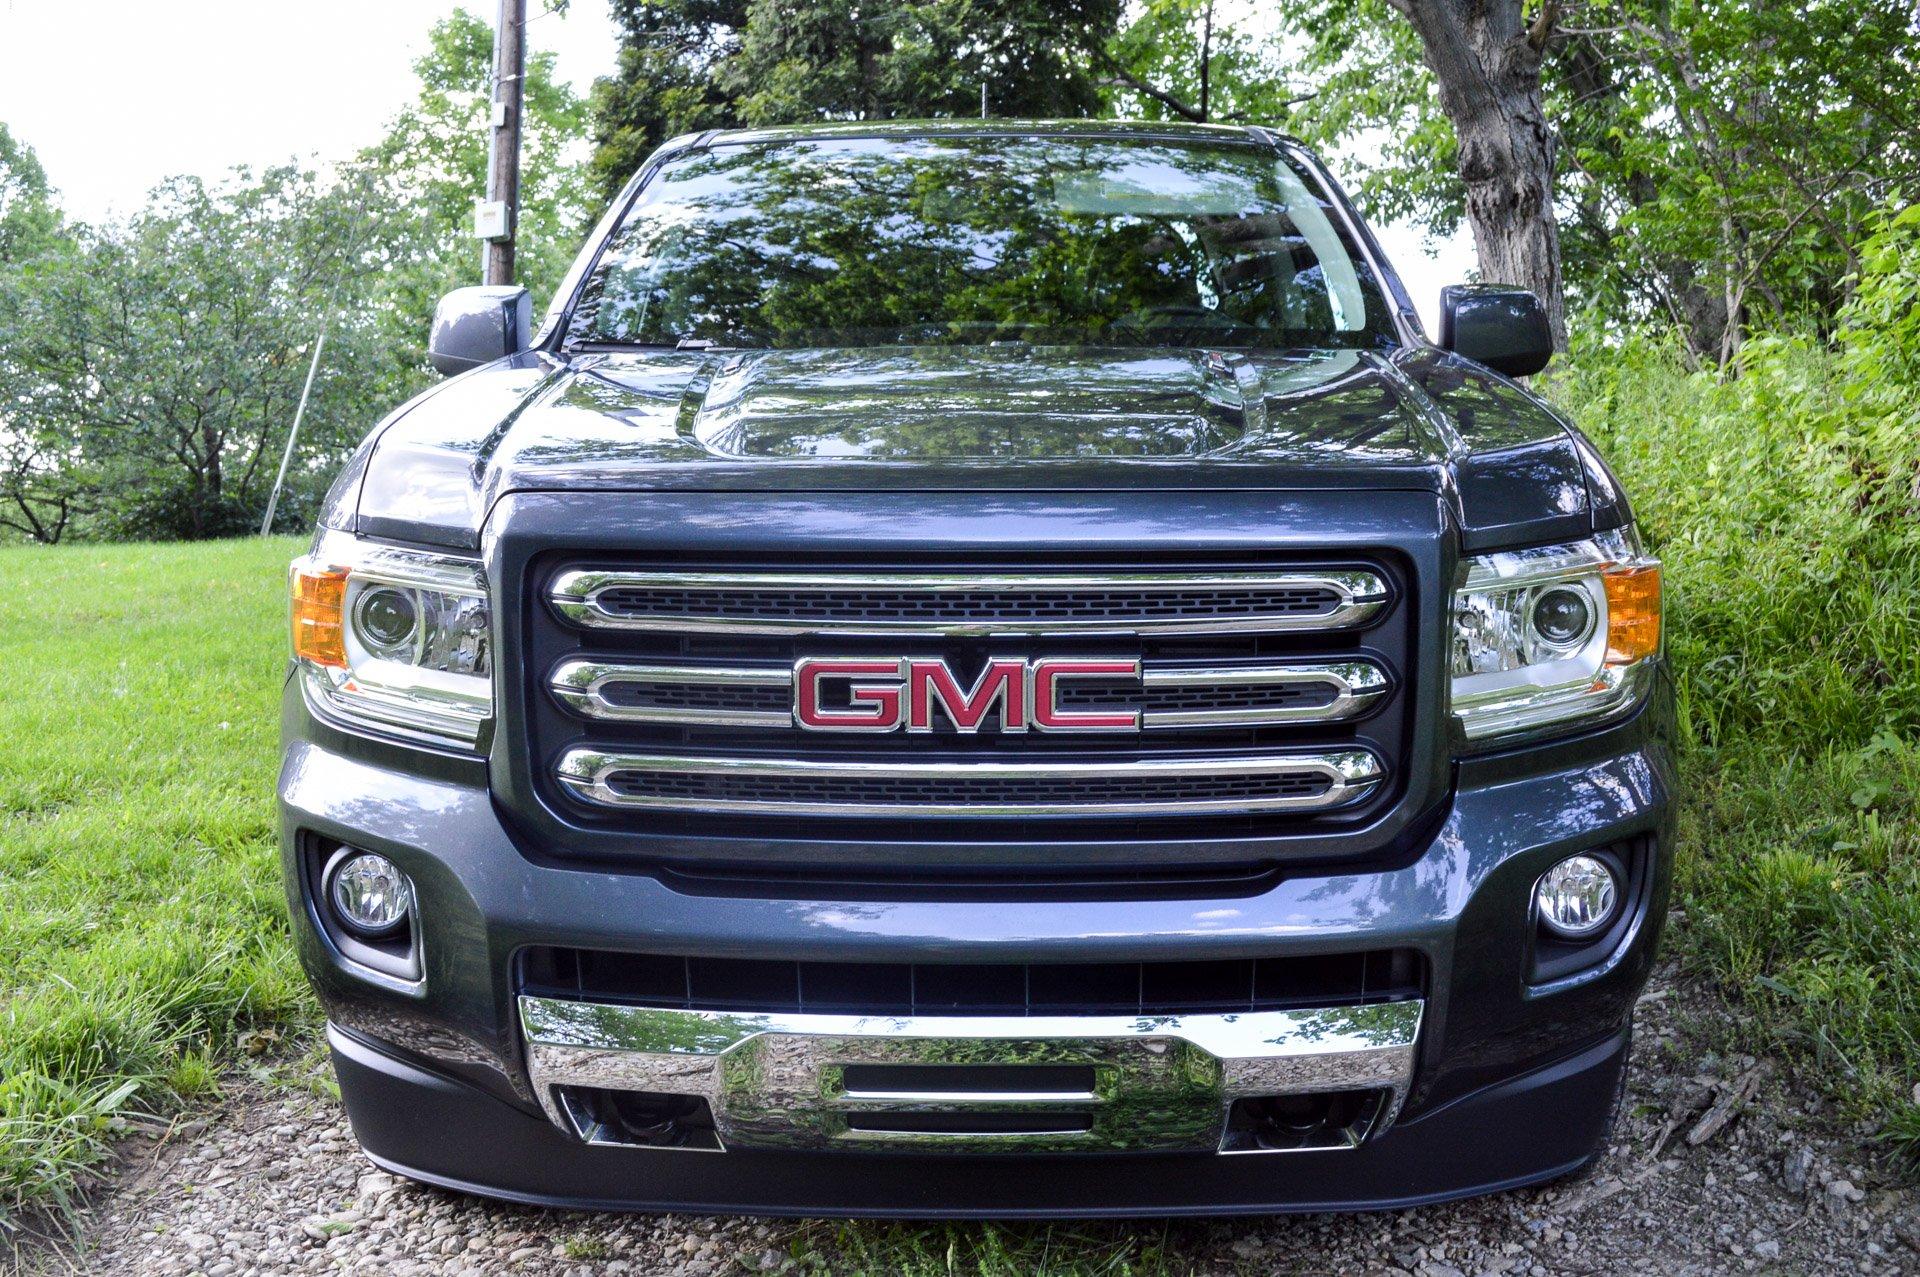 exerts pull video sierra gmc diesel efficiency videos roadshow